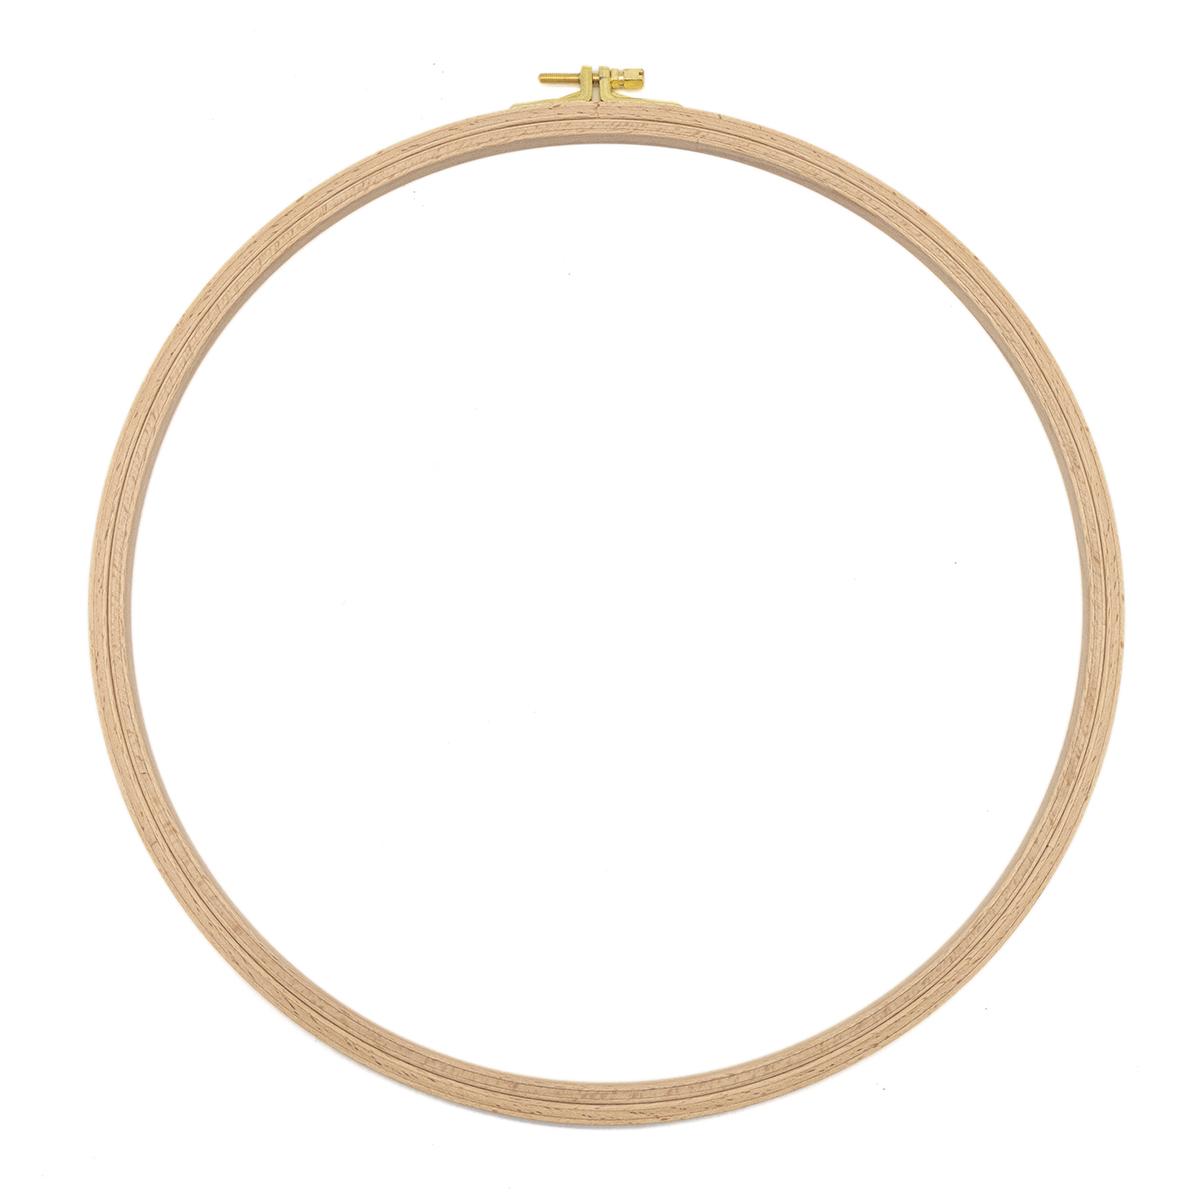 100-8 Пяльцы круглые буковые, d=310 мм, выс. обода 8 мм, Nurge Hobby